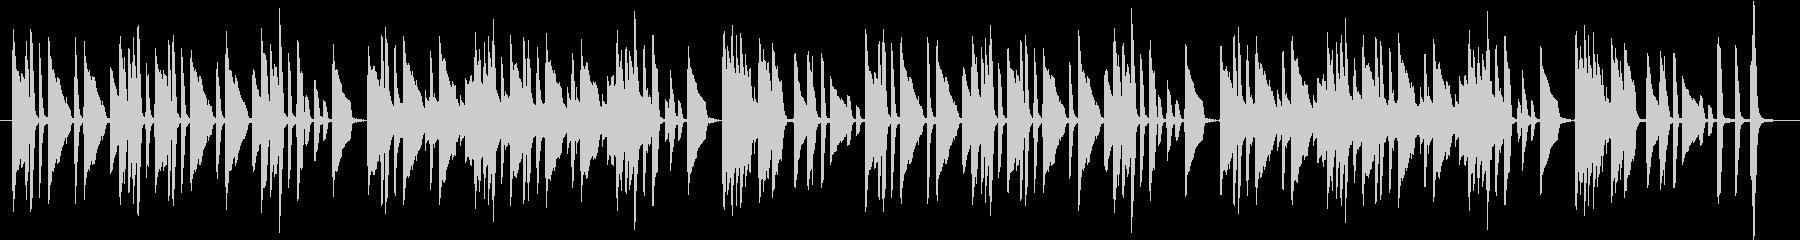 ピアノの練習曲っぽいBGMの未再生の波形